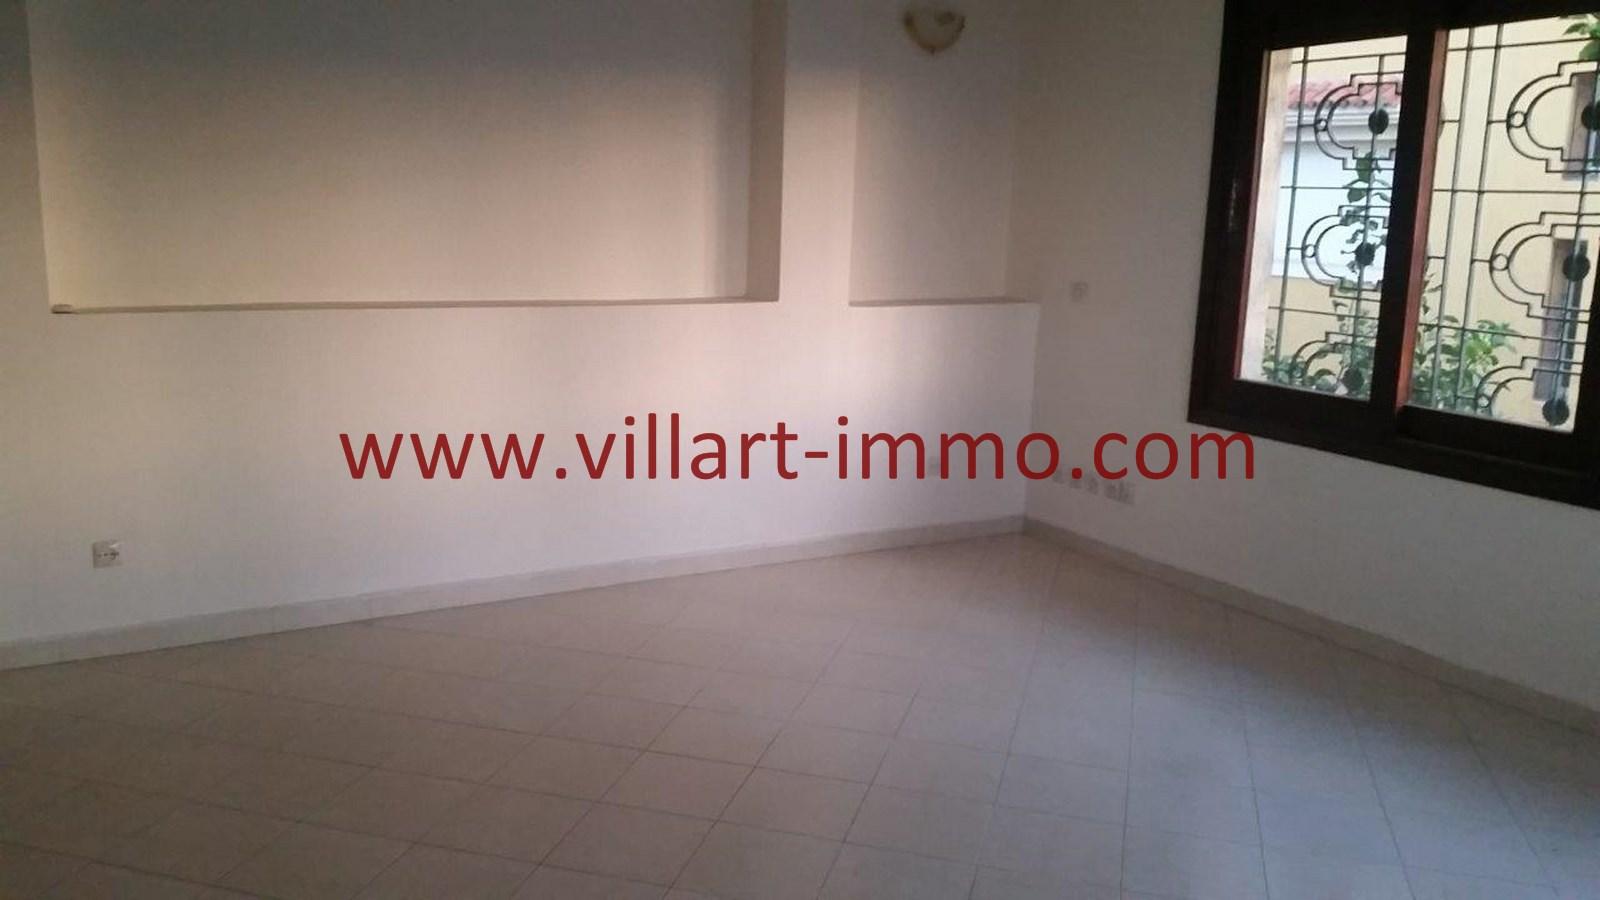 13-a-louer-villa-non-meublee-tanger-chambre-3-lv901-villart-immo